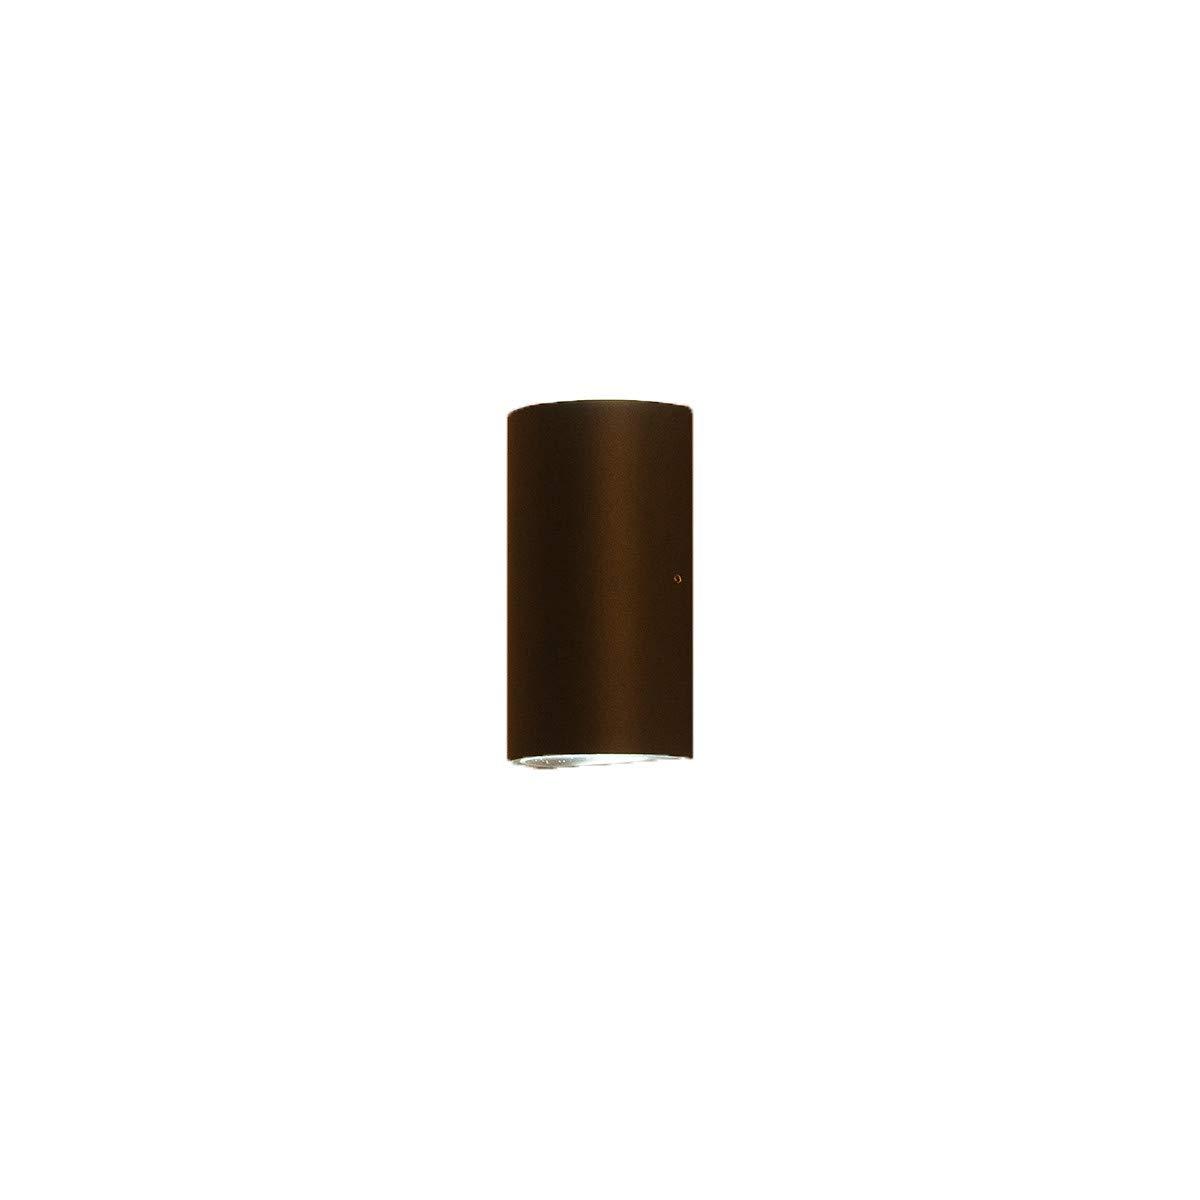 Wandleuchte einfache Außenwandleuchte wasserdichte LED-Innenleuchte Außenbalkon-Wandleuchte, schwarz